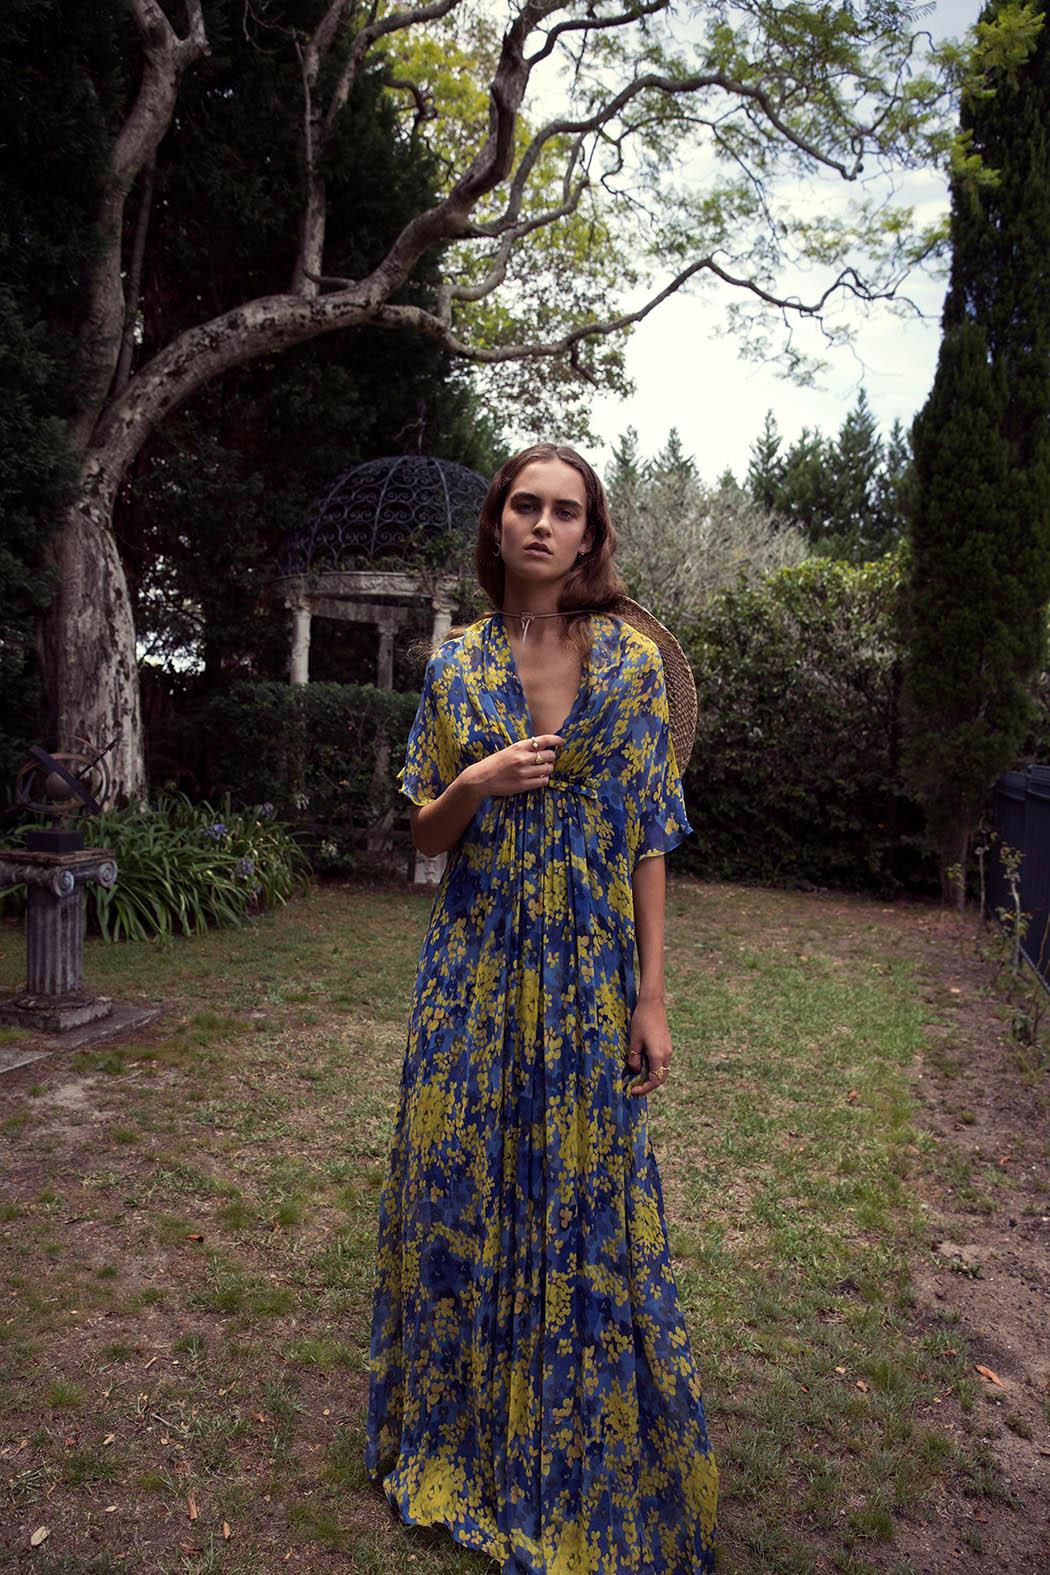 платье, Max Mara; шляпа, Lack of Сolor; здесь и далее - кольцо на большом пальце, Kerry Rocks